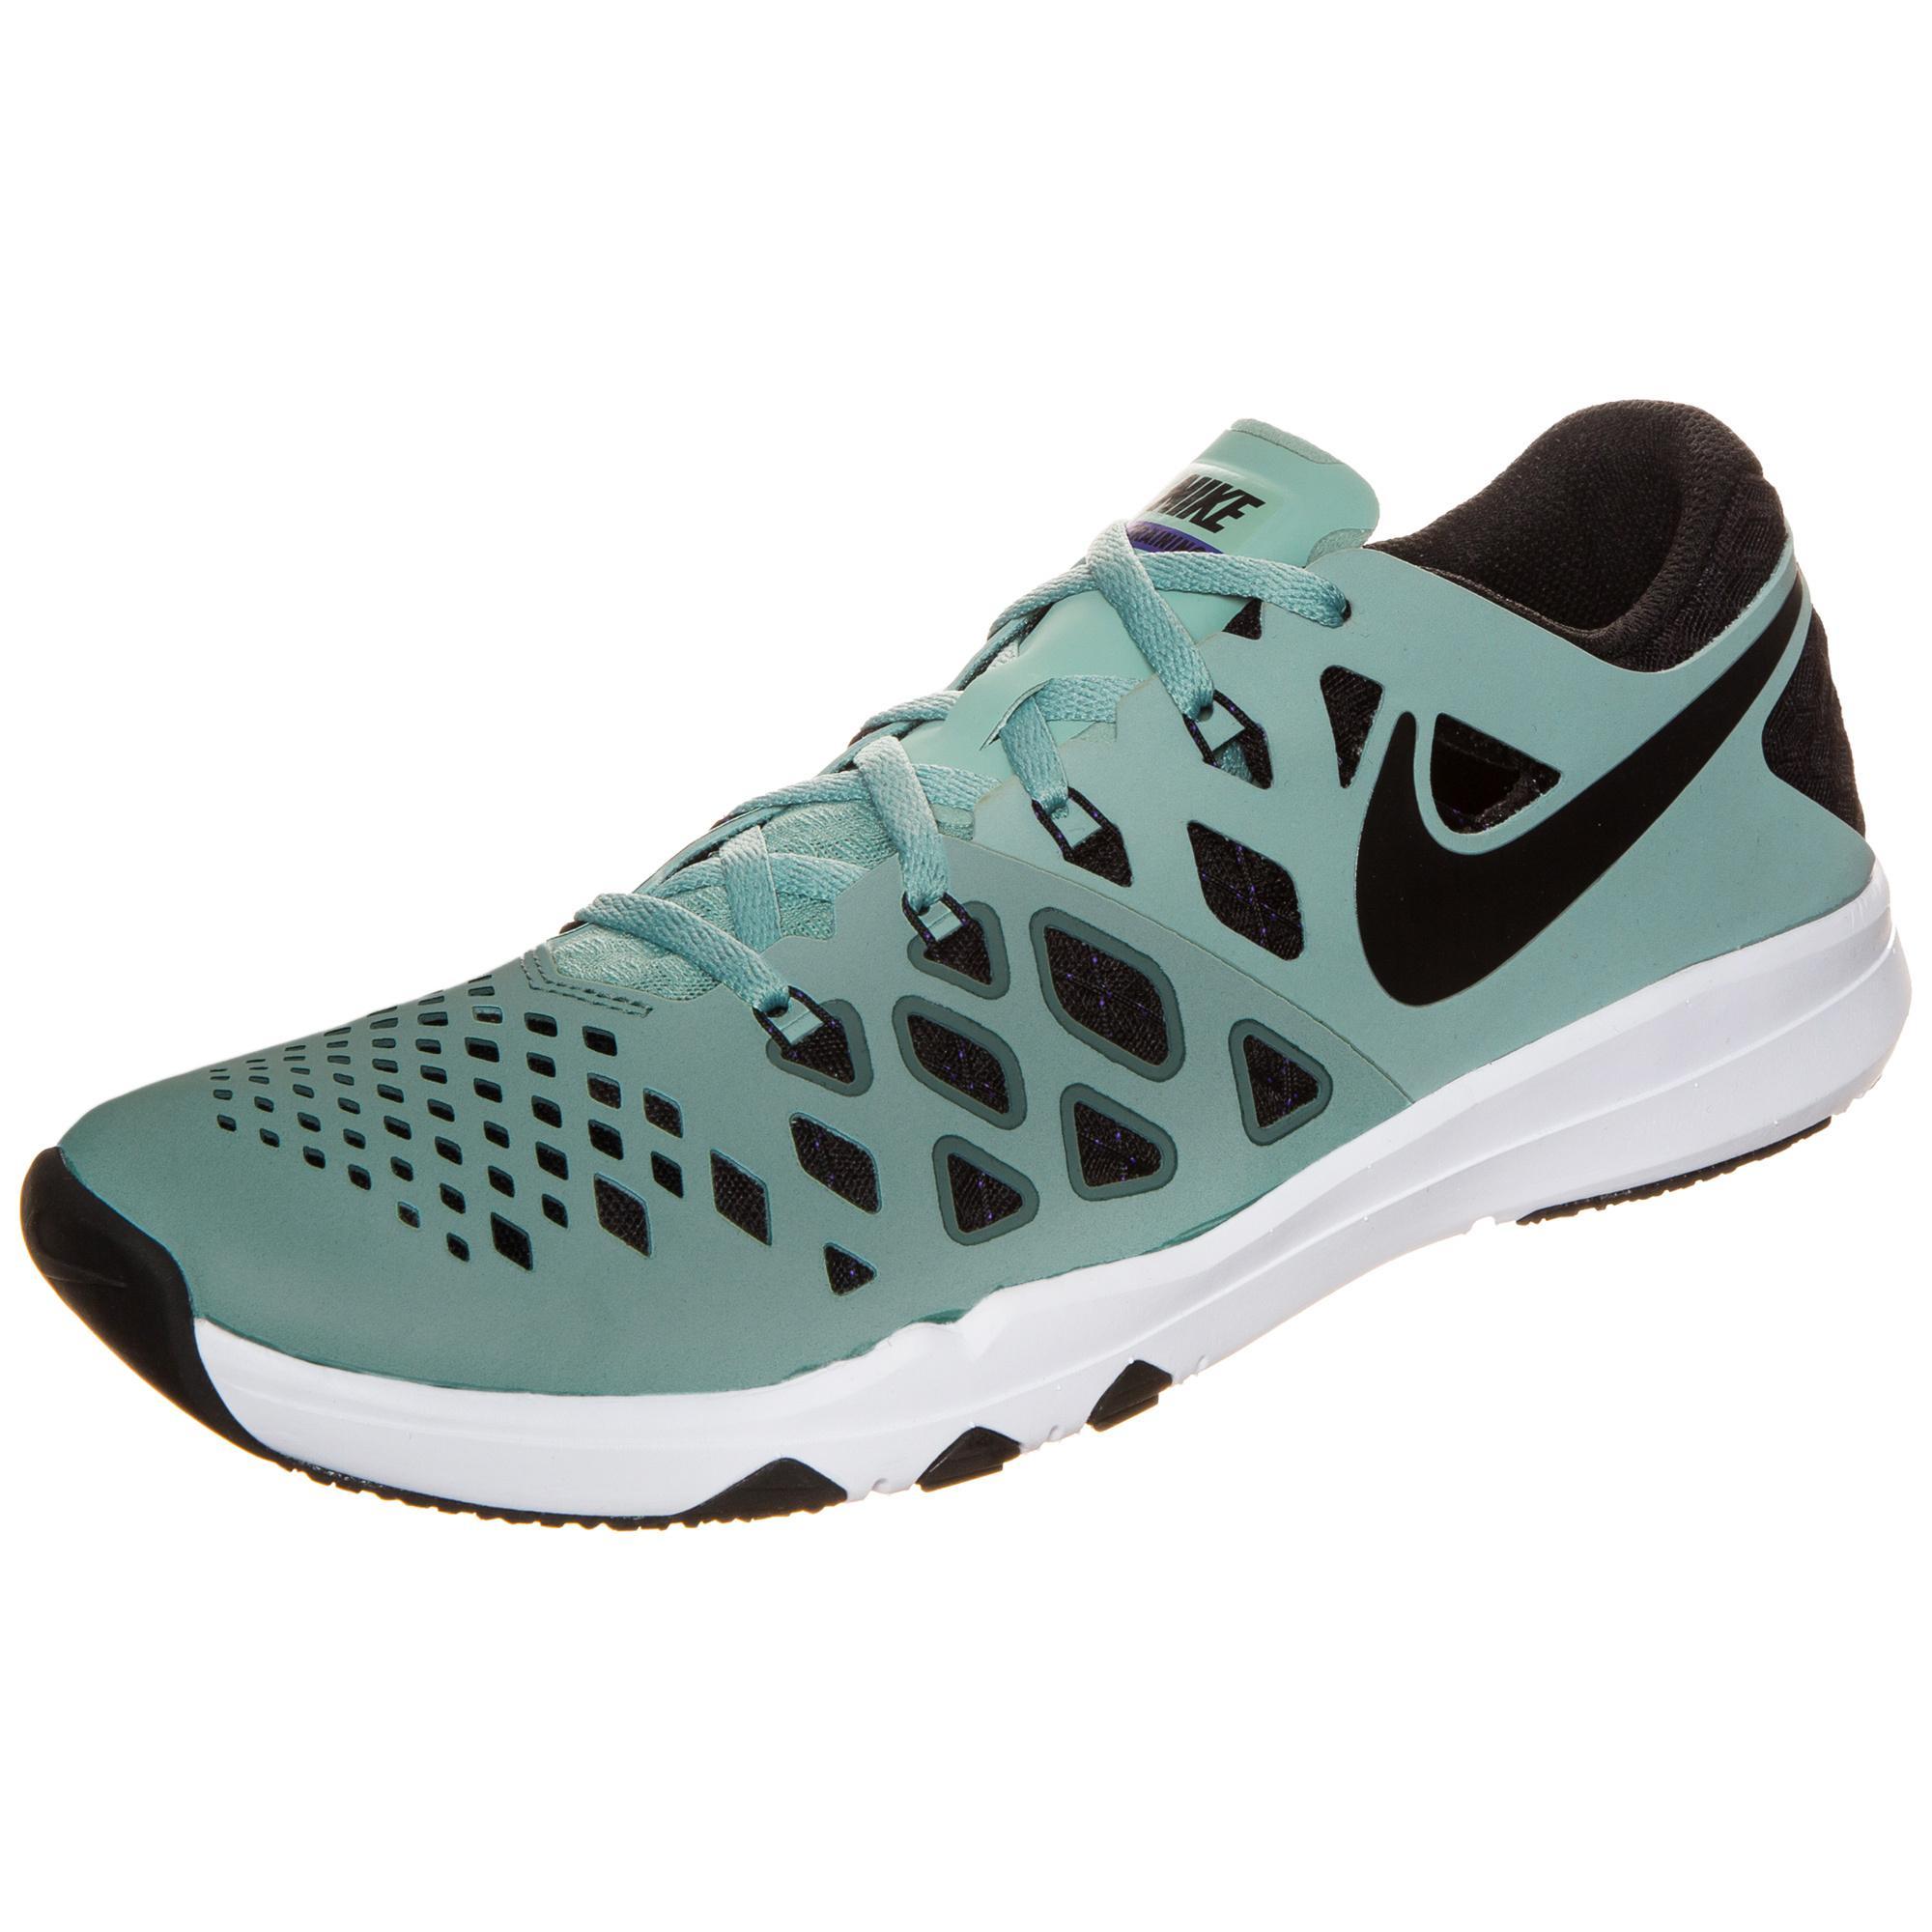 Nike Train Speed 4 Fitnessschuhe Fitnessschuhe Fitnessschuhe Herren mint / schwarz im Online Shop von SportScheck kaufen Gute Qualität beliebte Schuhe 4c7052